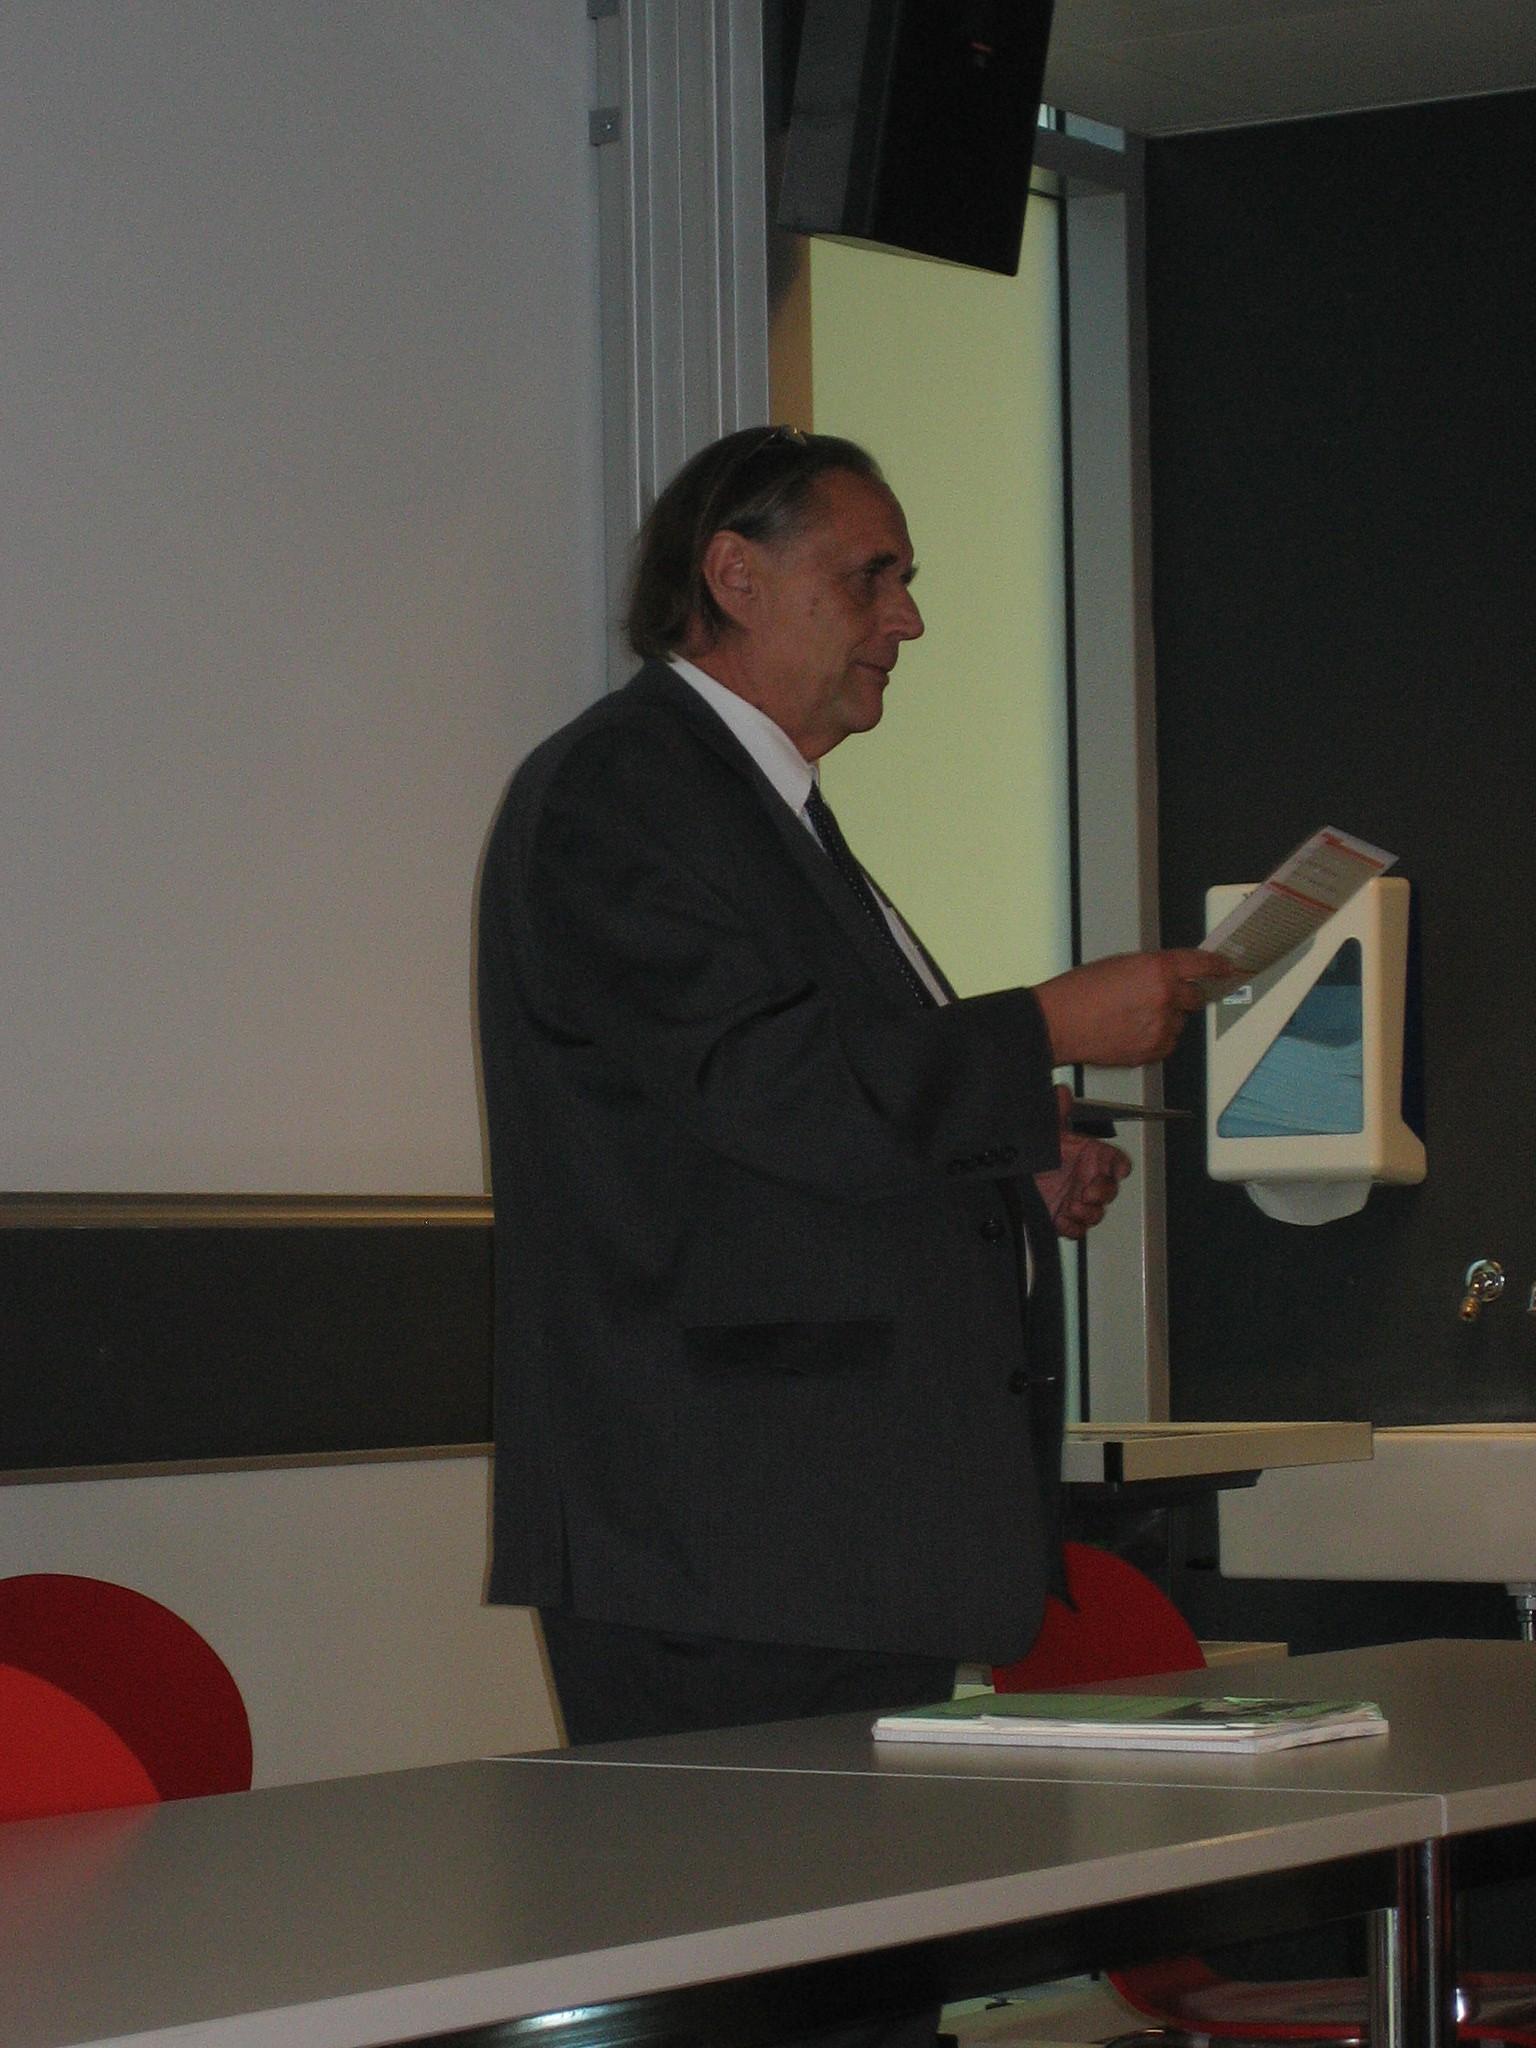 Xavier Comtesse au Colloque Avenir Suisse/EPFL le 30 juin 2011